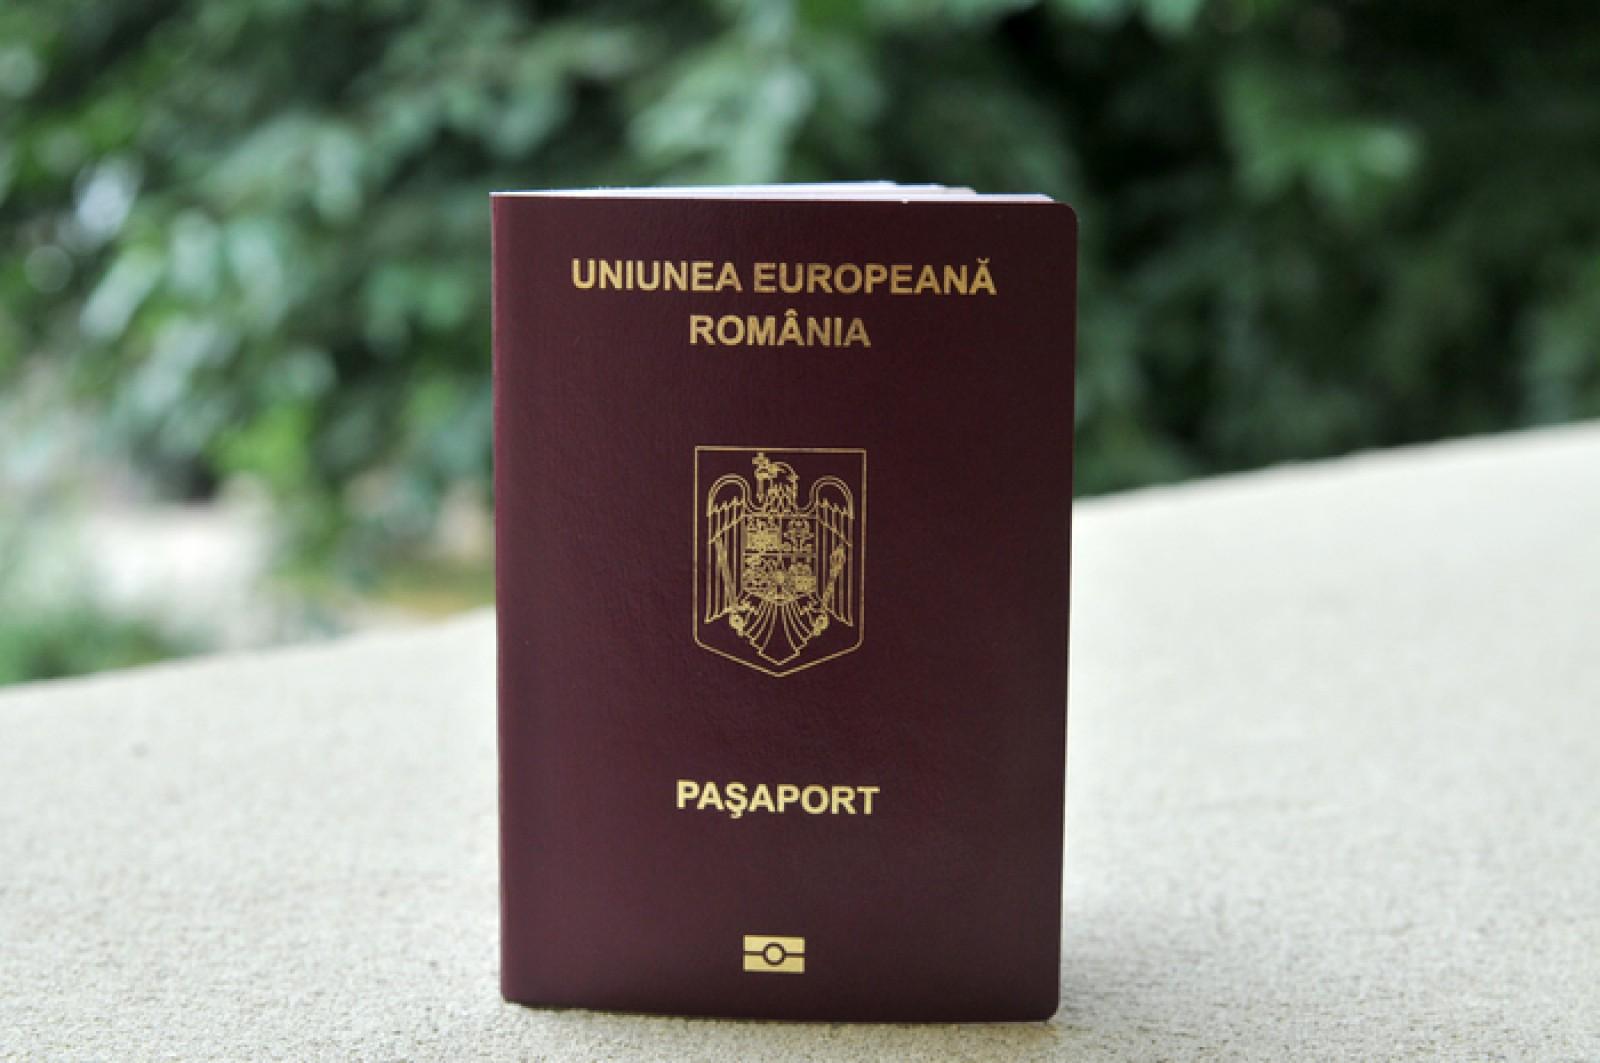 Constantin Codreanu solicită repetat dublarea numărului de membri ai Comisiei pentru Cetățenie